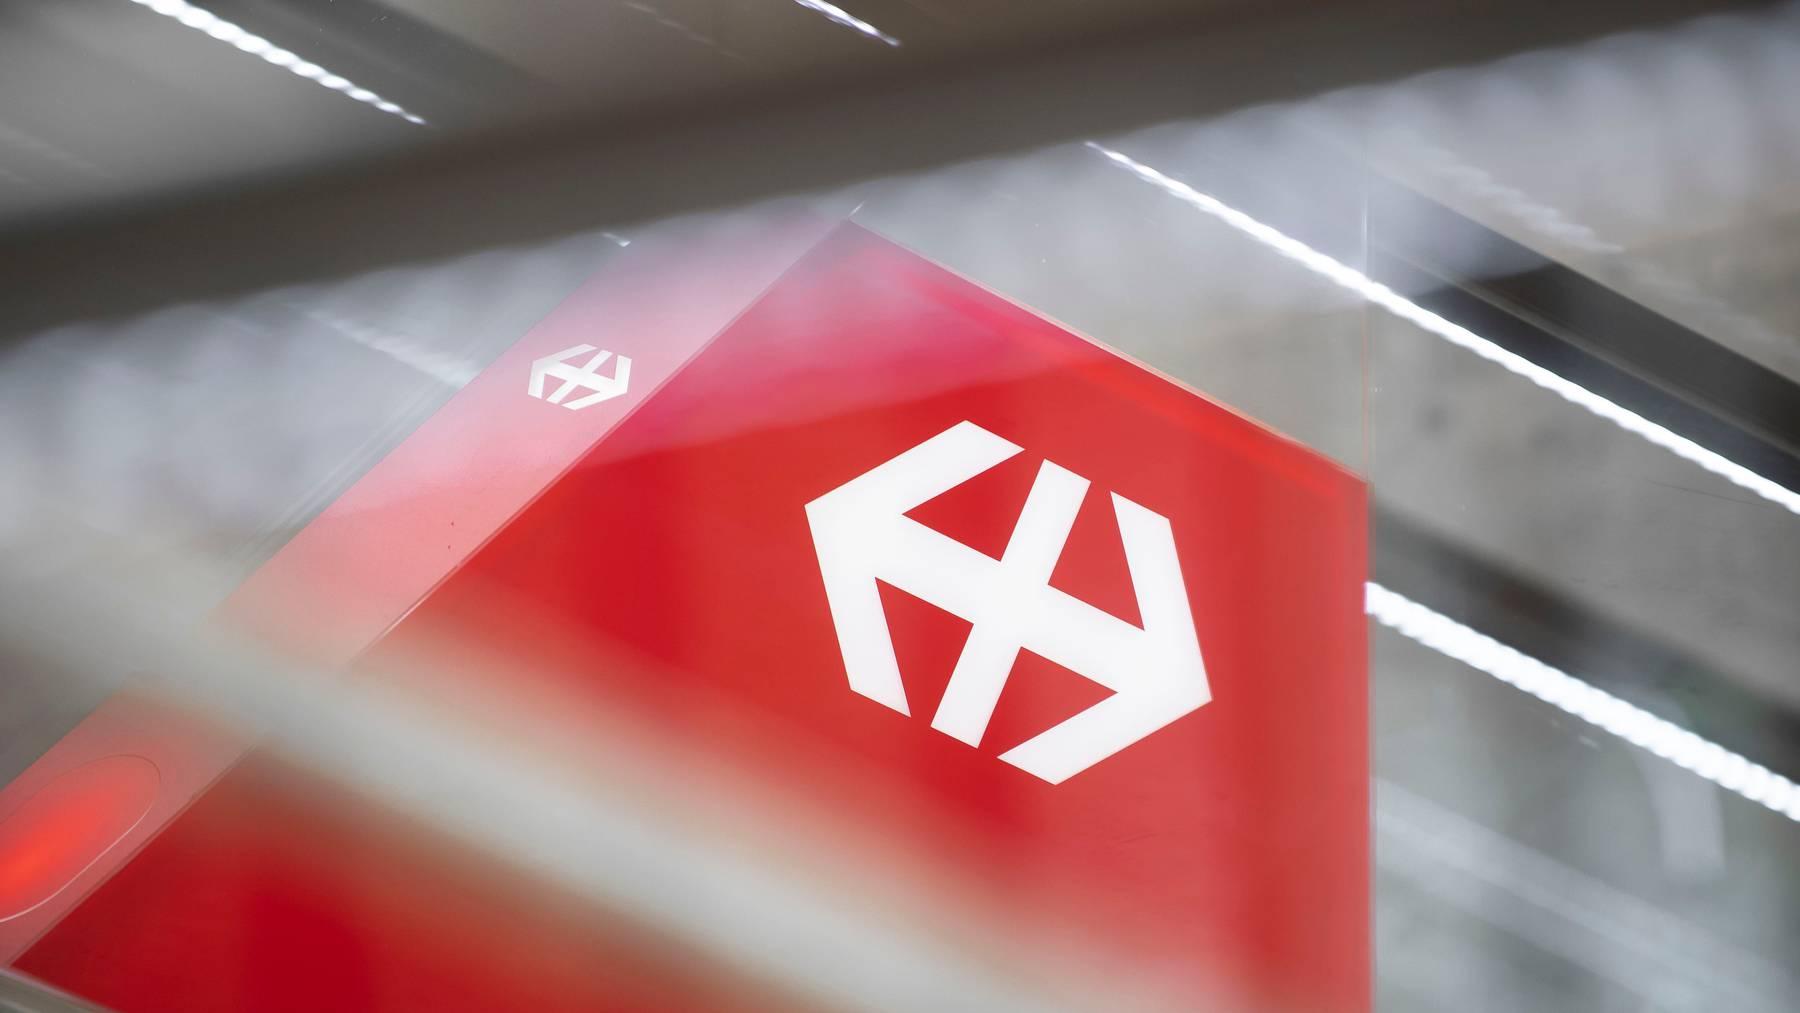 Die politische Steuerung und Aufsicht über bundesnahe Unternehmen wie die SBB soll besser geregelt werden.